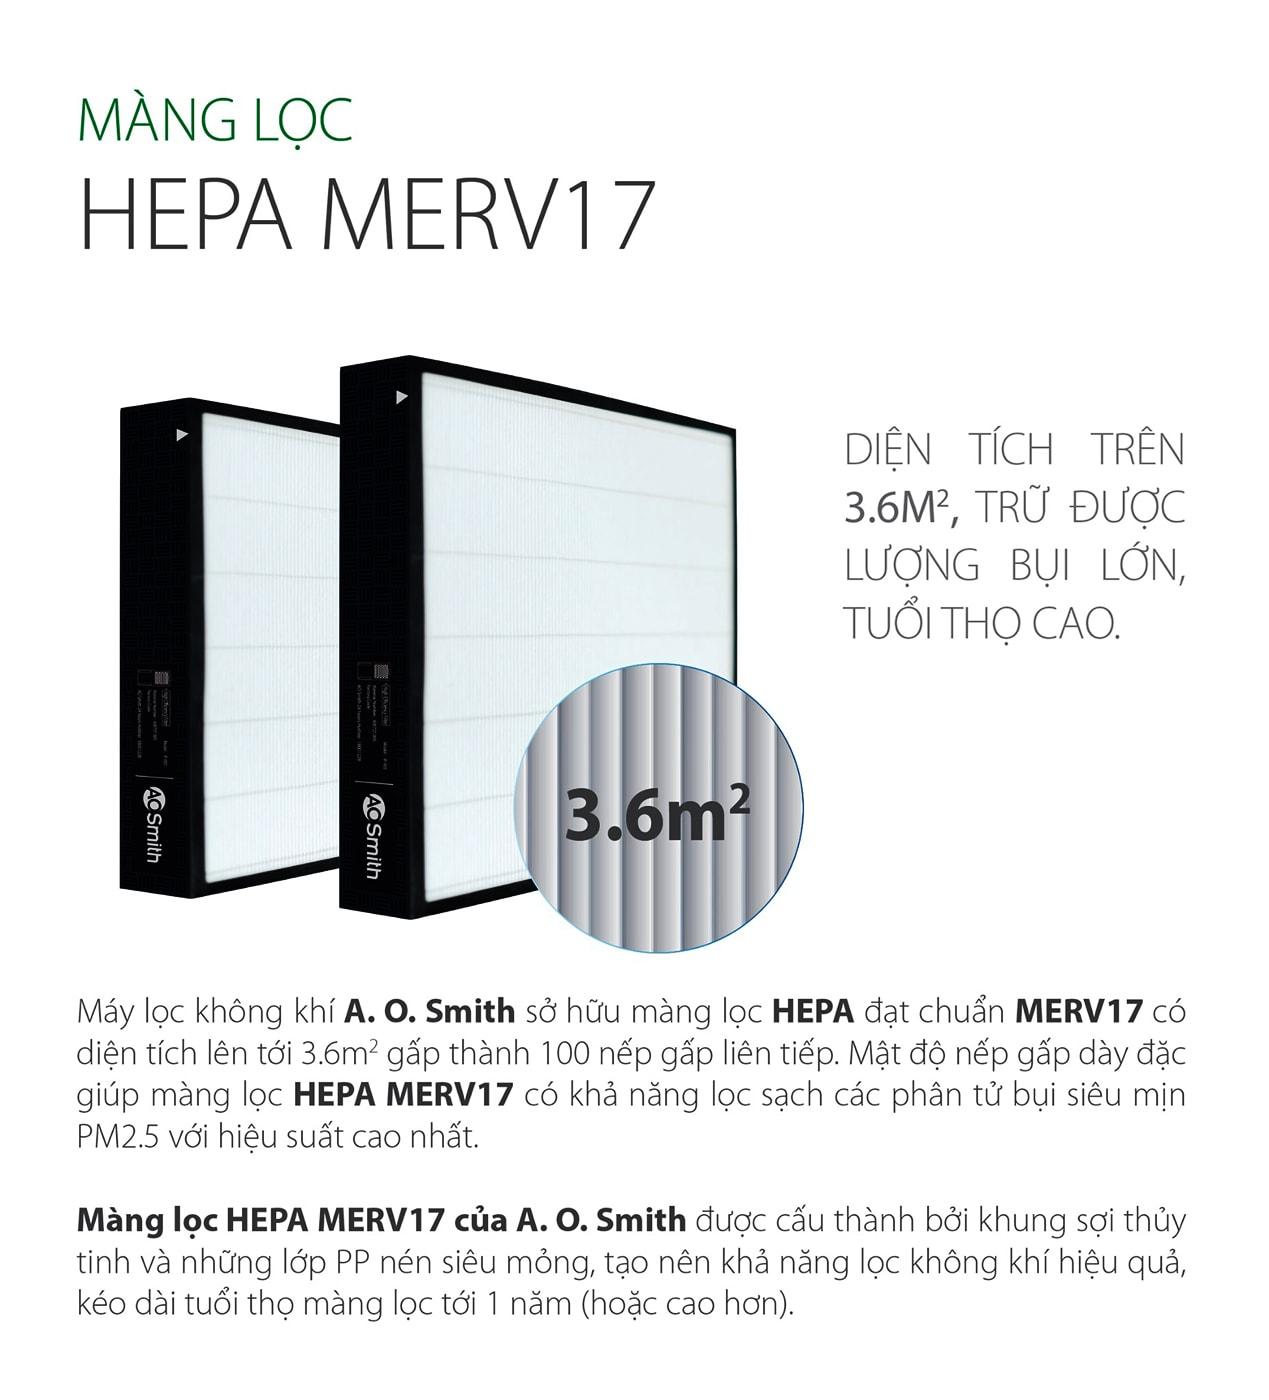 Máy lọc KJ420 - B01 áp dụng màng lọc HEPA cao cấp tiêu chuẩn MERV17